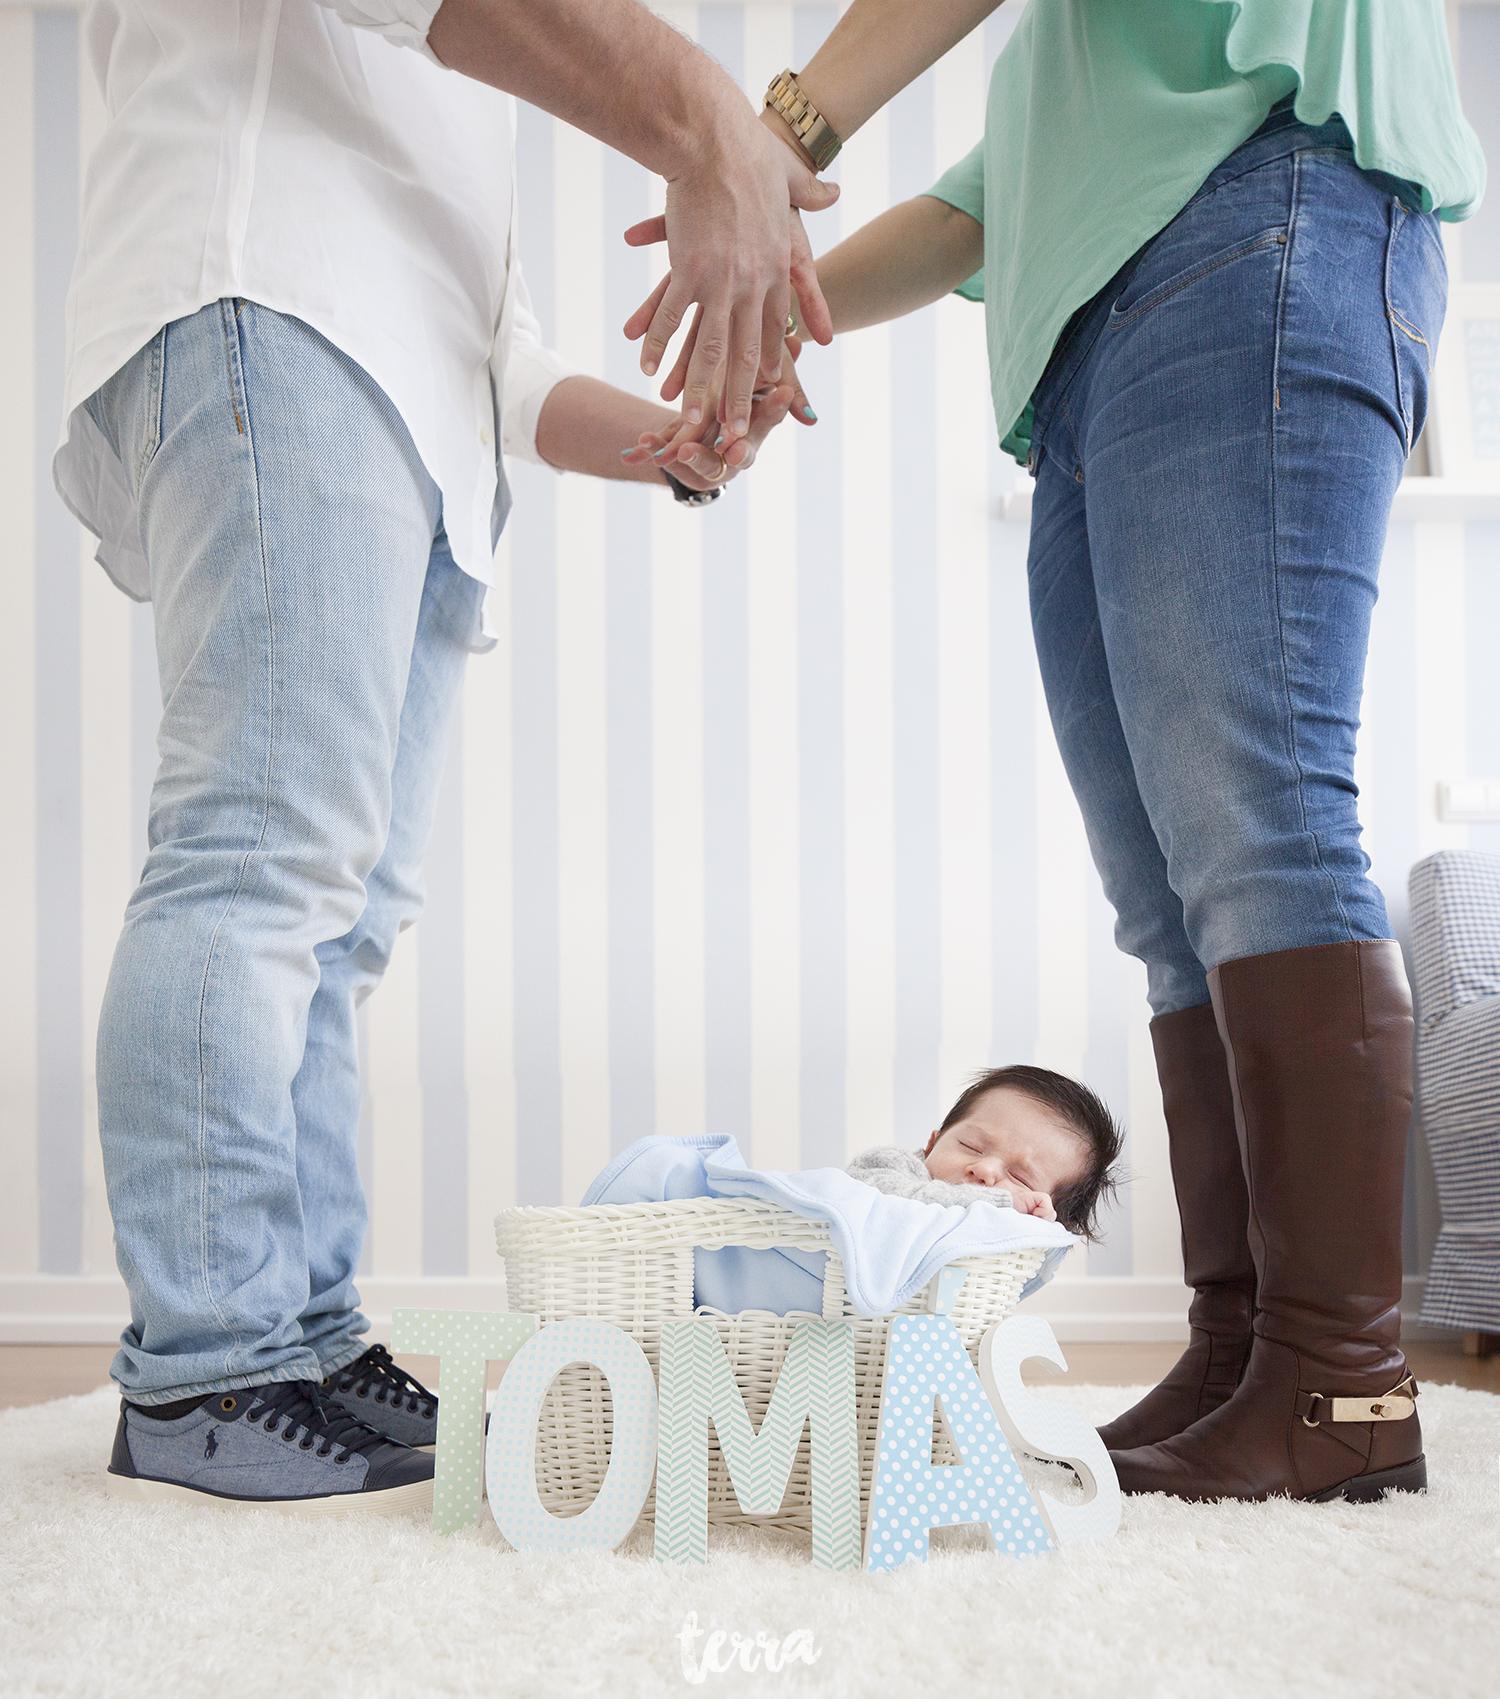 sessao-fotografica-recem-nascido-bebe-lifestyle-terra-fotografia-020.jpg